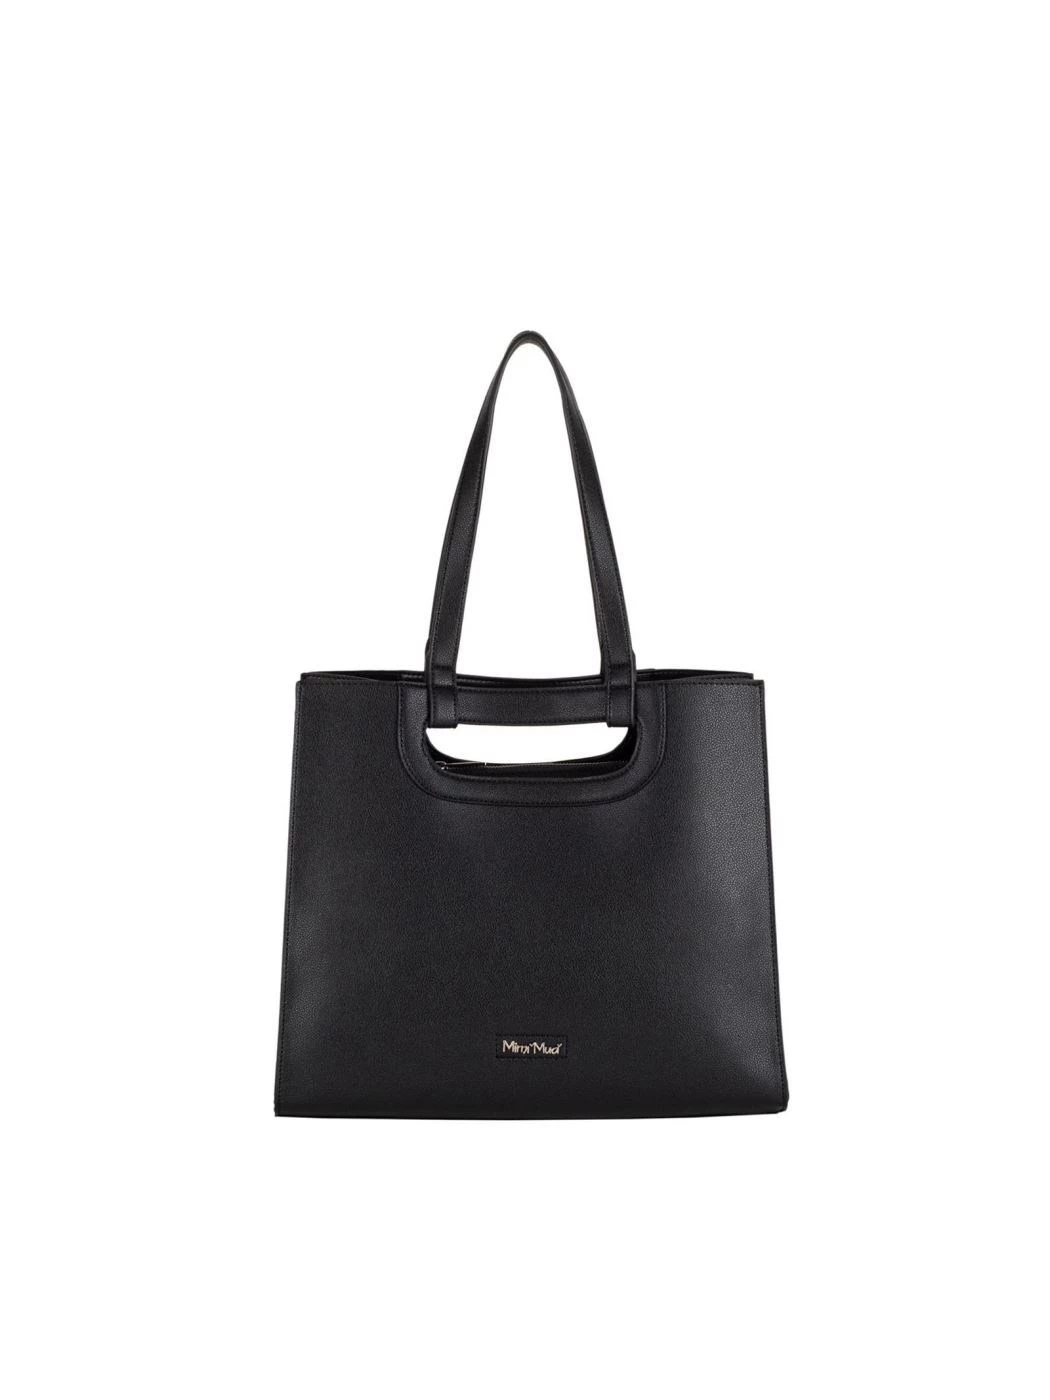 SHOPPER BASIC BAG